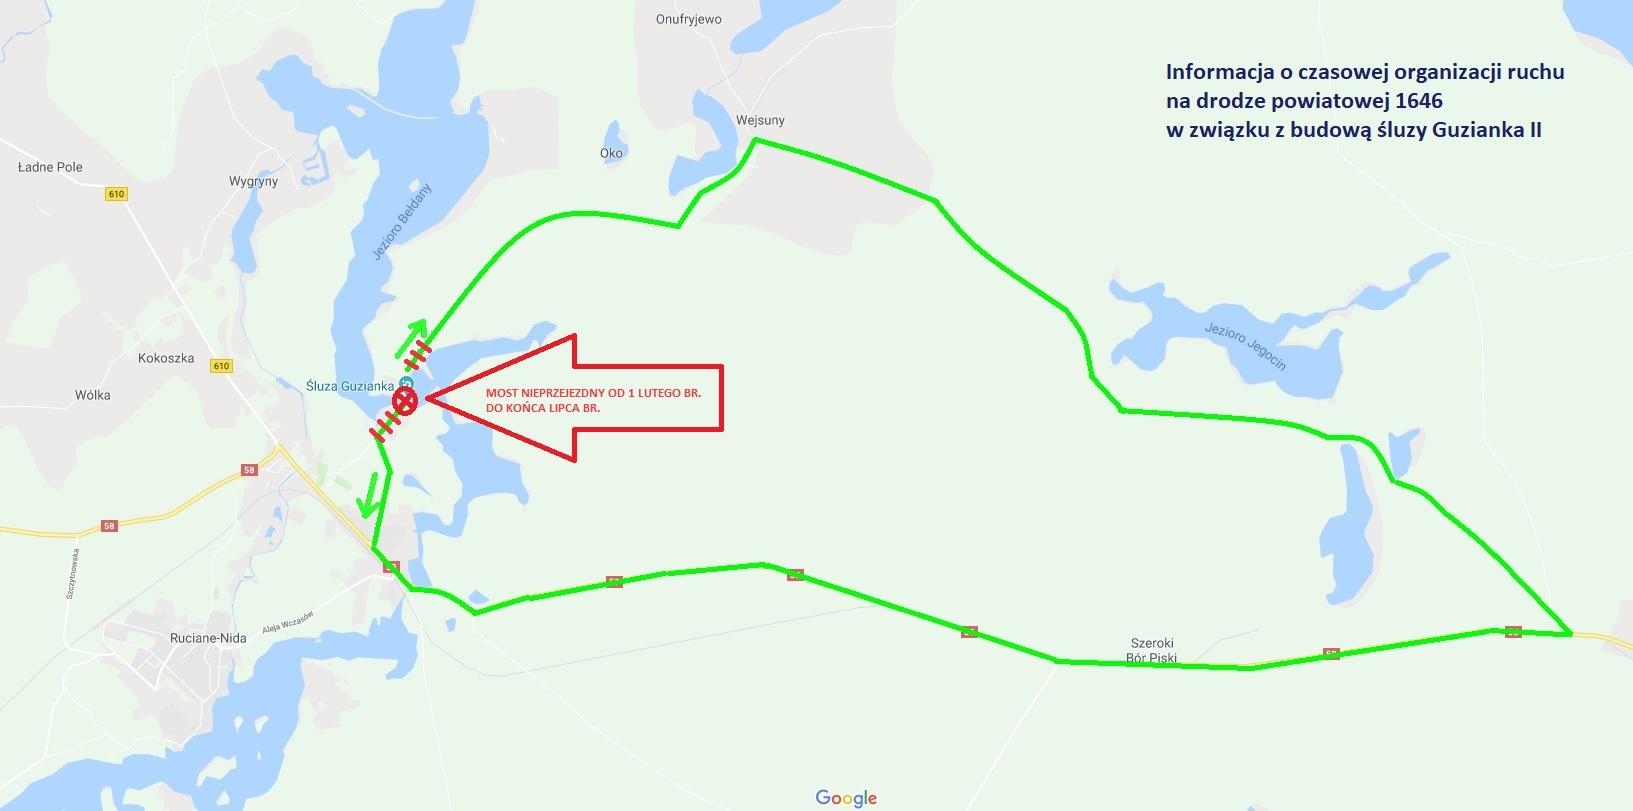 Dojazd z Rucianego-Nidy przez most na śluzie Guzianka do Wejsun będzie zamknięty od 1 lutego do końca lipca (fot.warszawa.rzgw.gov.pl)